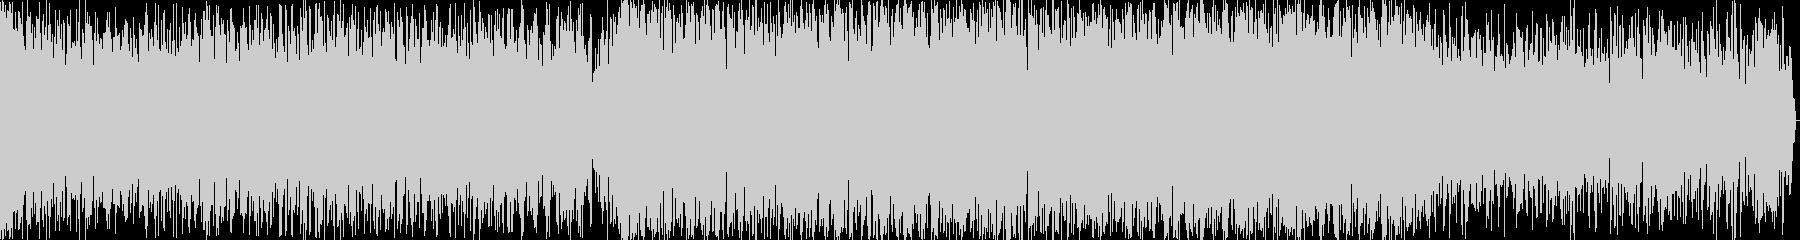 近未来的イメージのEDM楽曲の未再生の波形